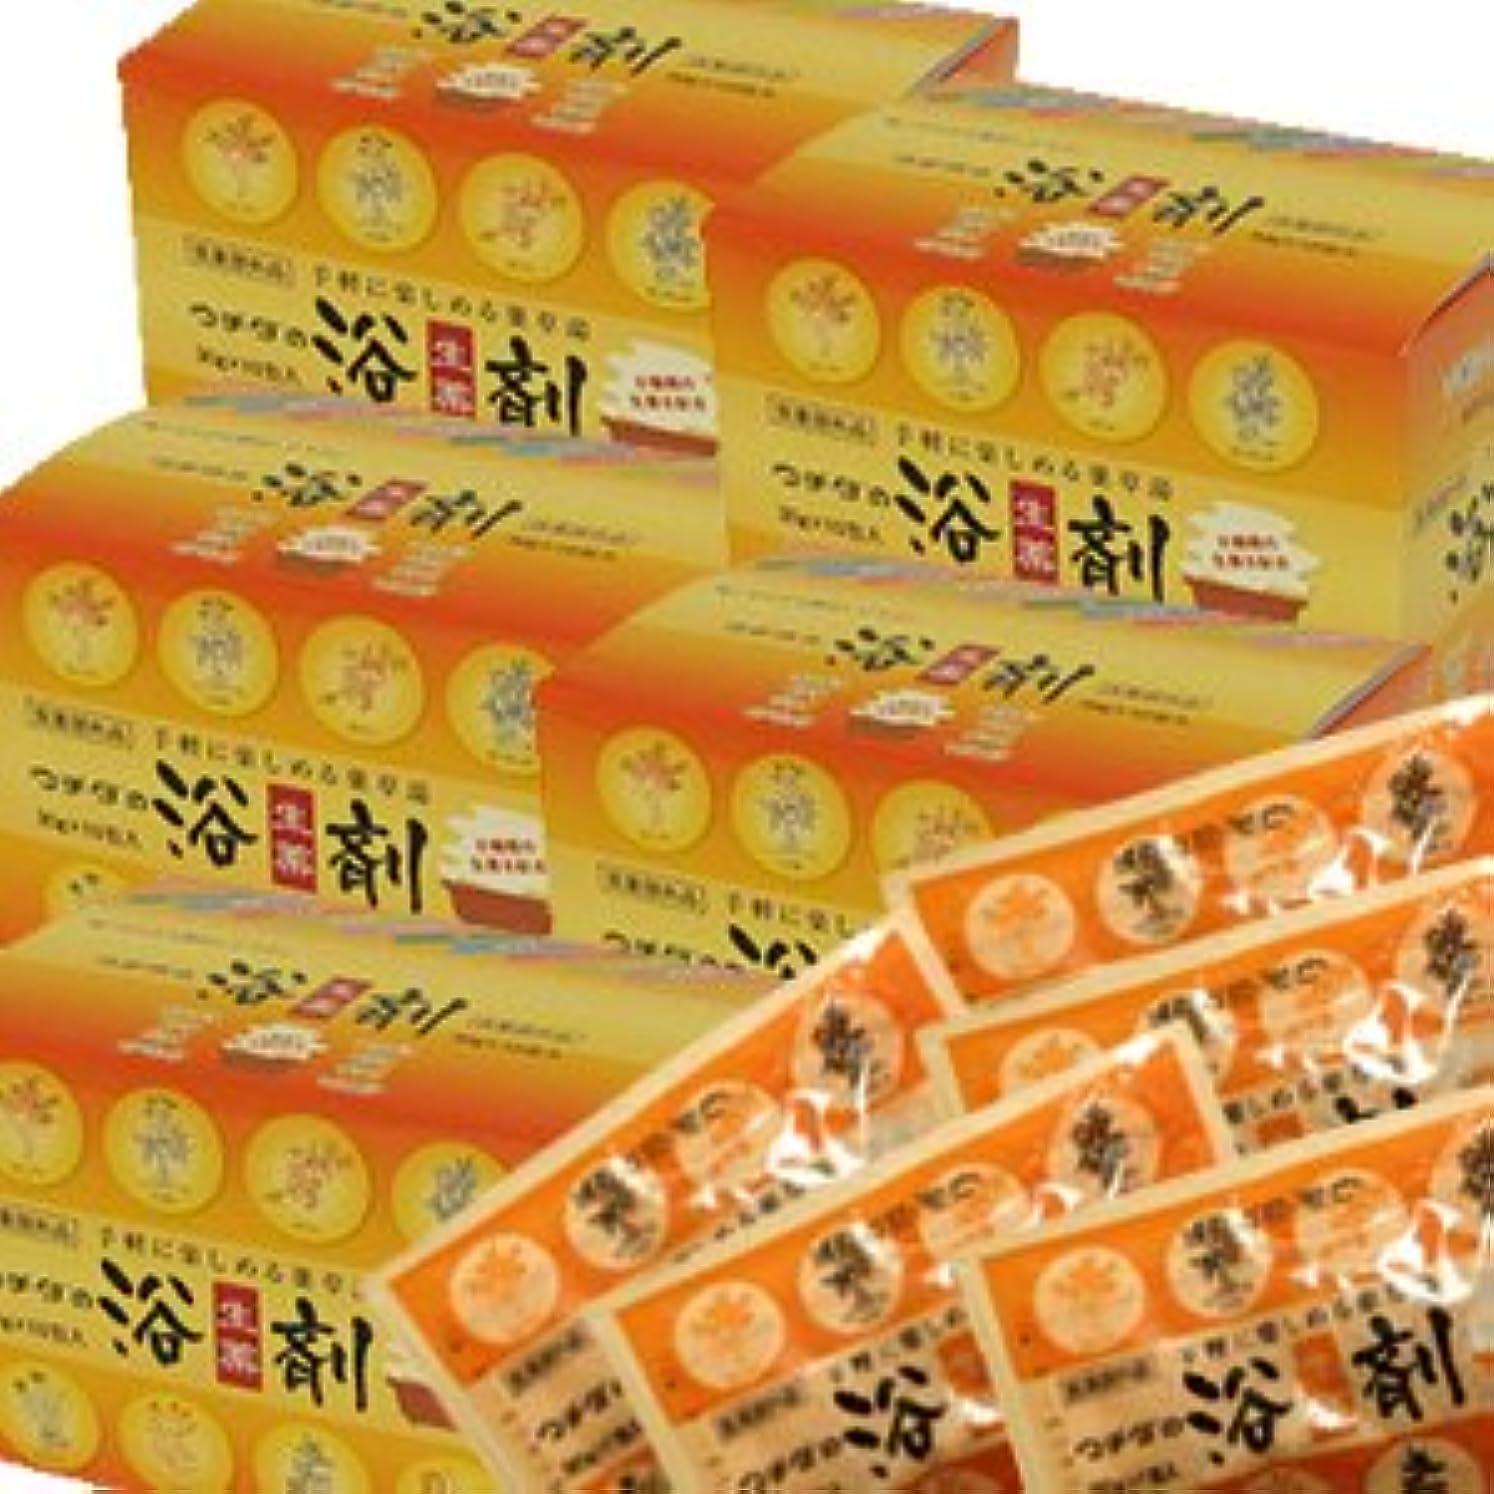 宿泊施設彼らのセッティング【5箱50包+10包】 ウチダの浴剤 30g×10包入×5個(50包)+10包おまけ付き